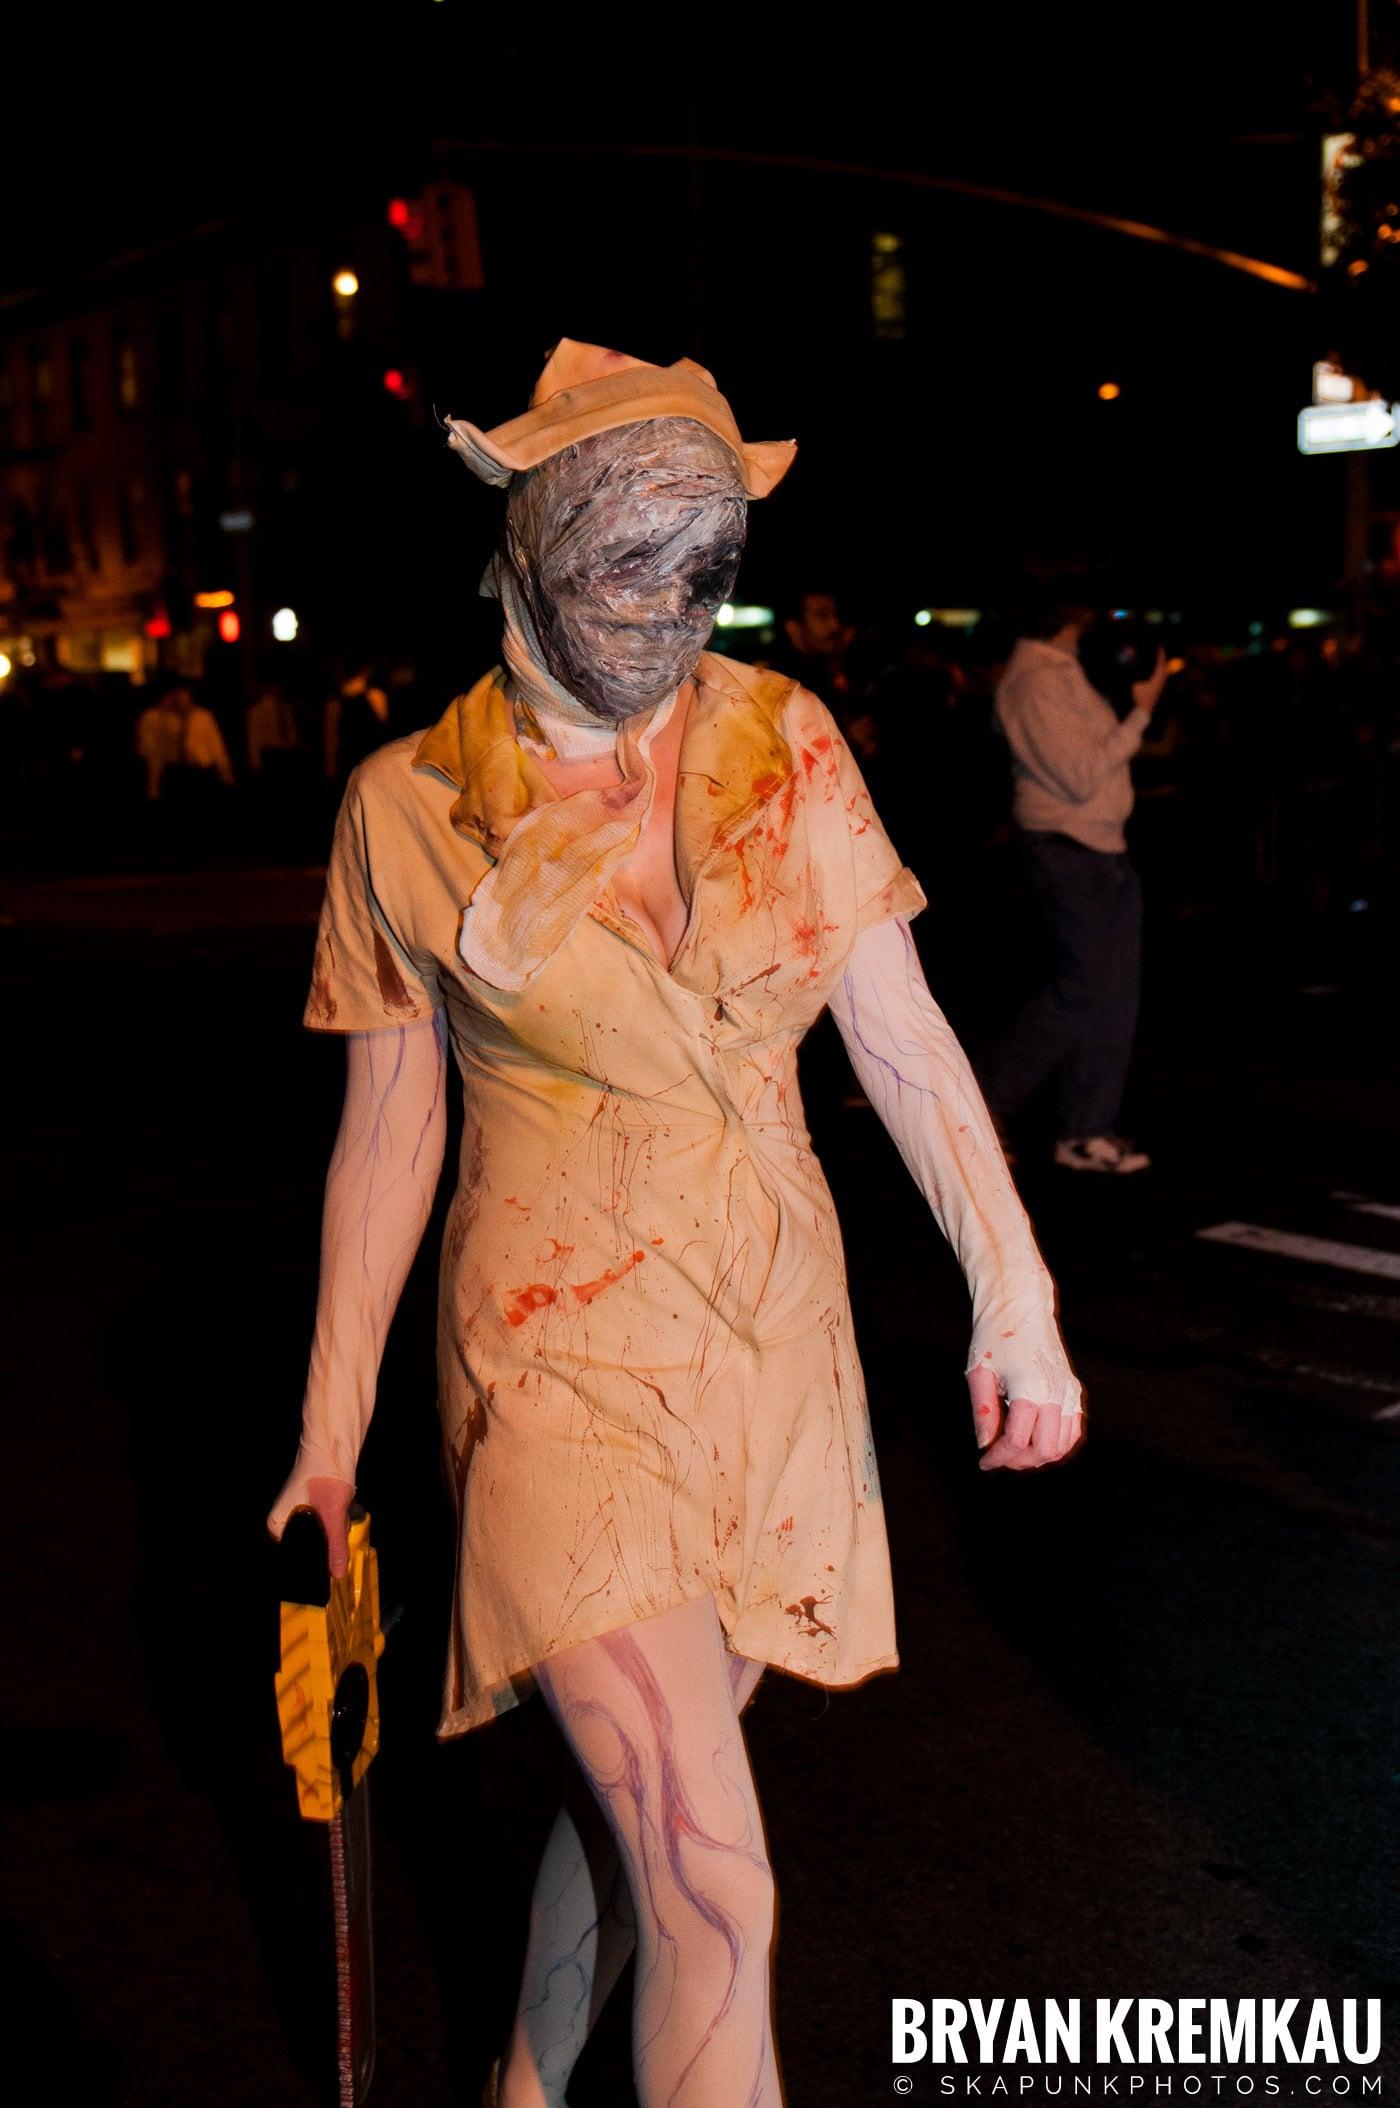 NYC Halloween Parade 2011 @ New York, NY - 10.31.11 (37)